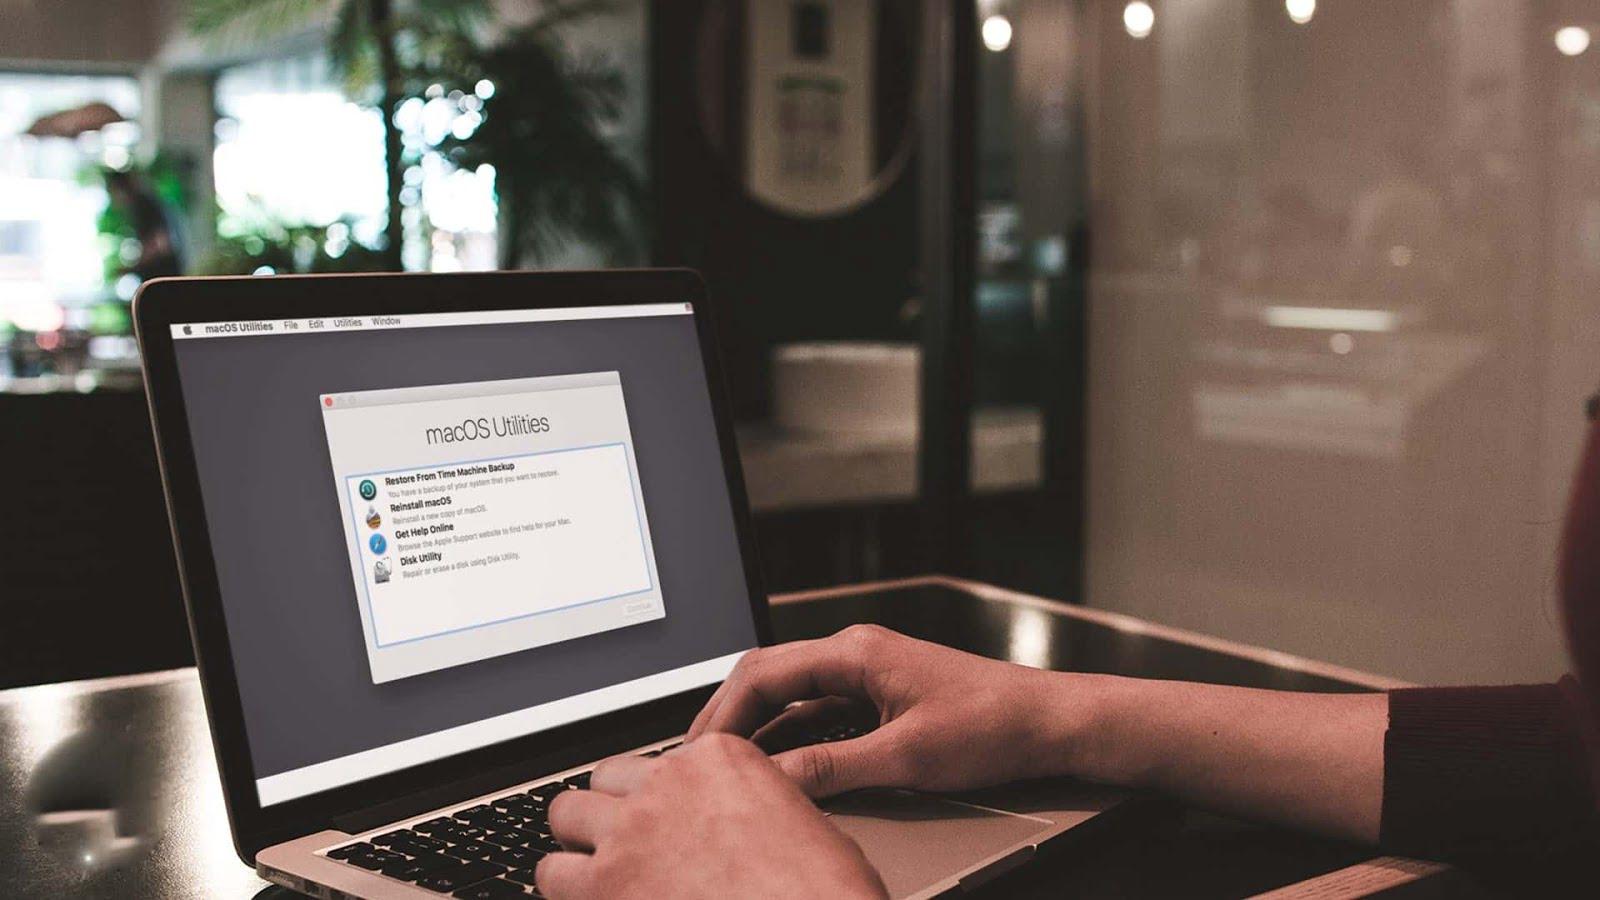 أسباب قد تجعلك ترغب في إعادة تثبيت macOS وكيفية عمل ذلك - Mac